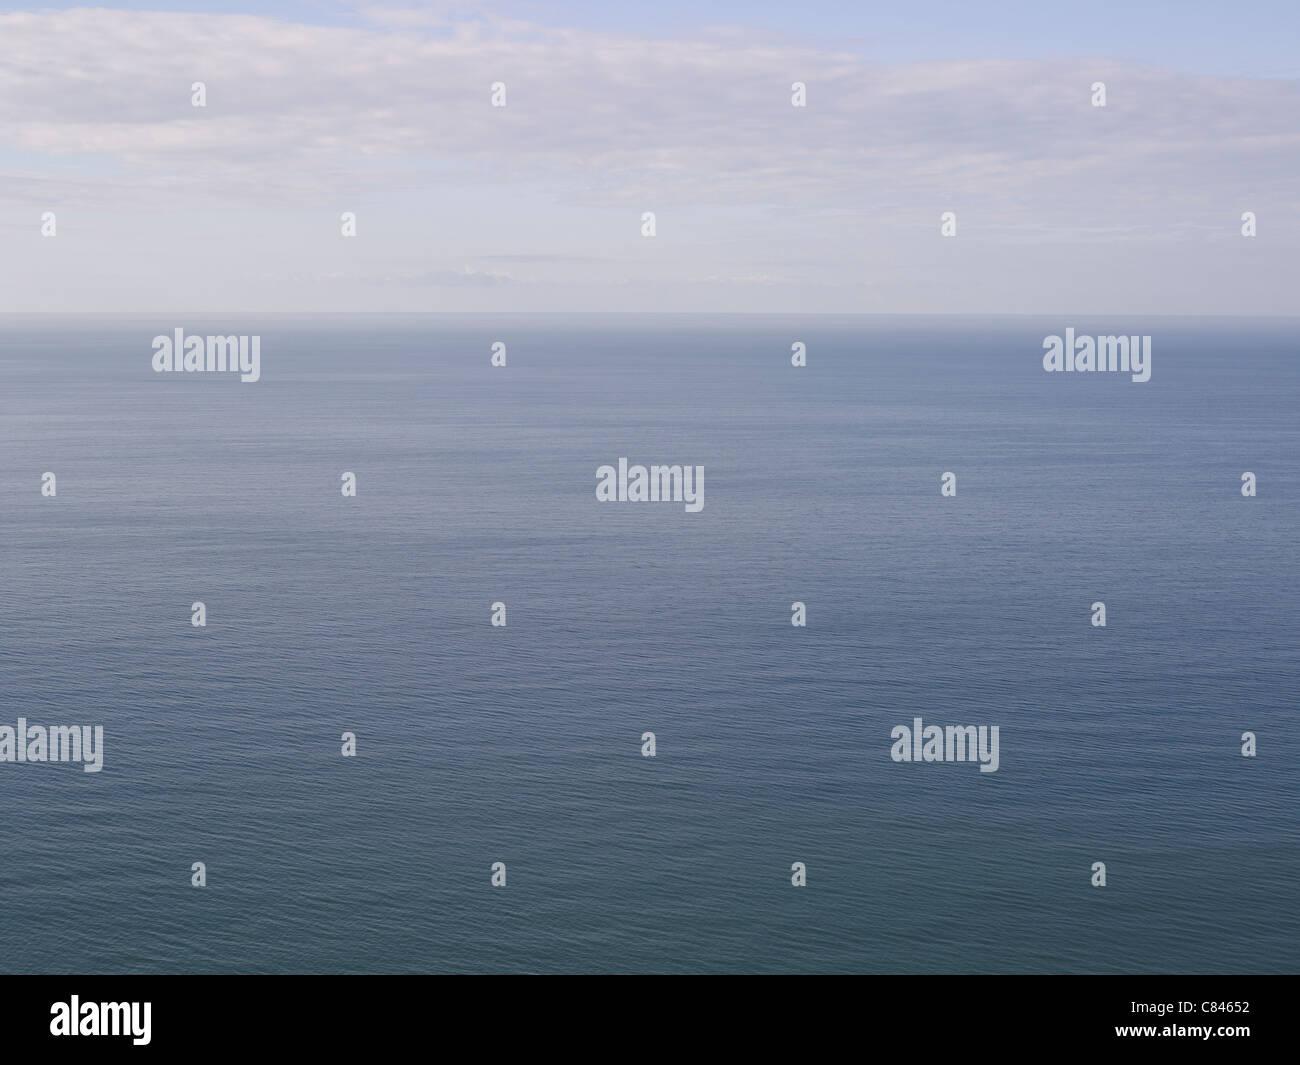 Luftbild von Meer und Horizont Stockbild